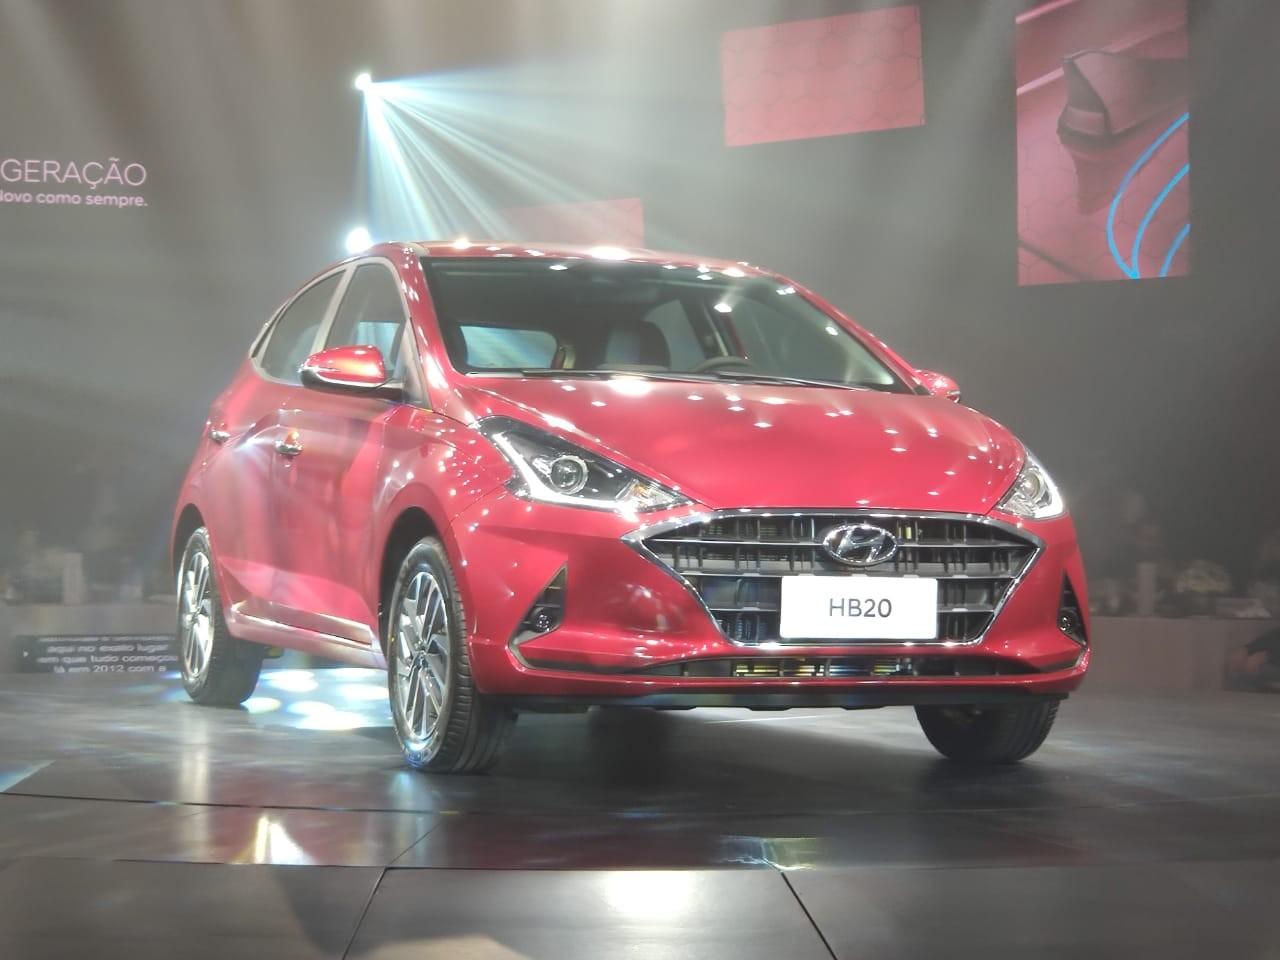 Hyundai lança HB20 2020 com visual renovado, e preço parte de R$ 46.490 - Notícias - Plantão Diário